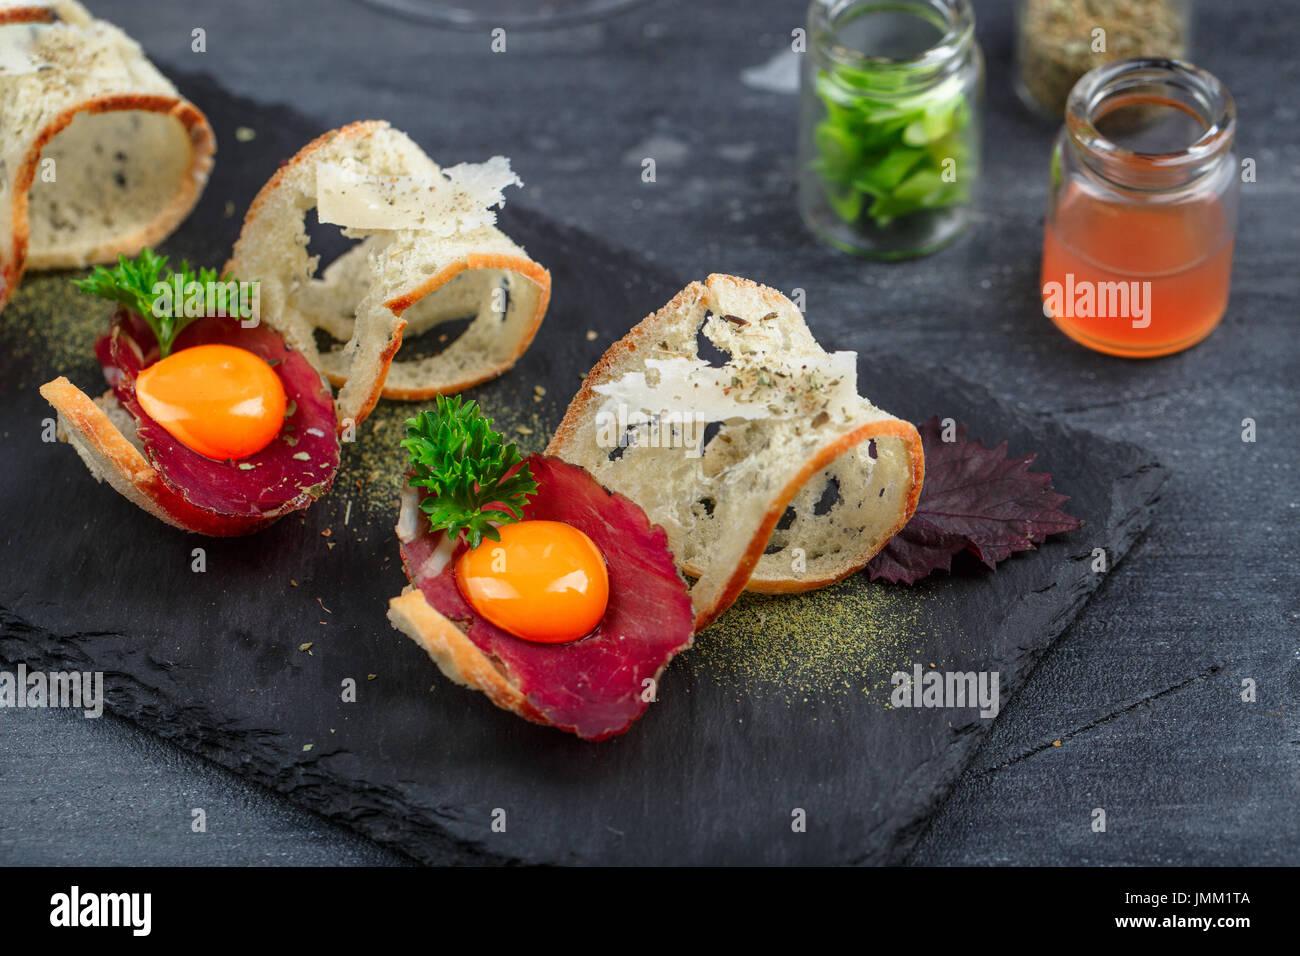 Geheilt von Rindfleisch auf knusprigem Brot mit Eigelb und Parmedgano Käse Stockbild